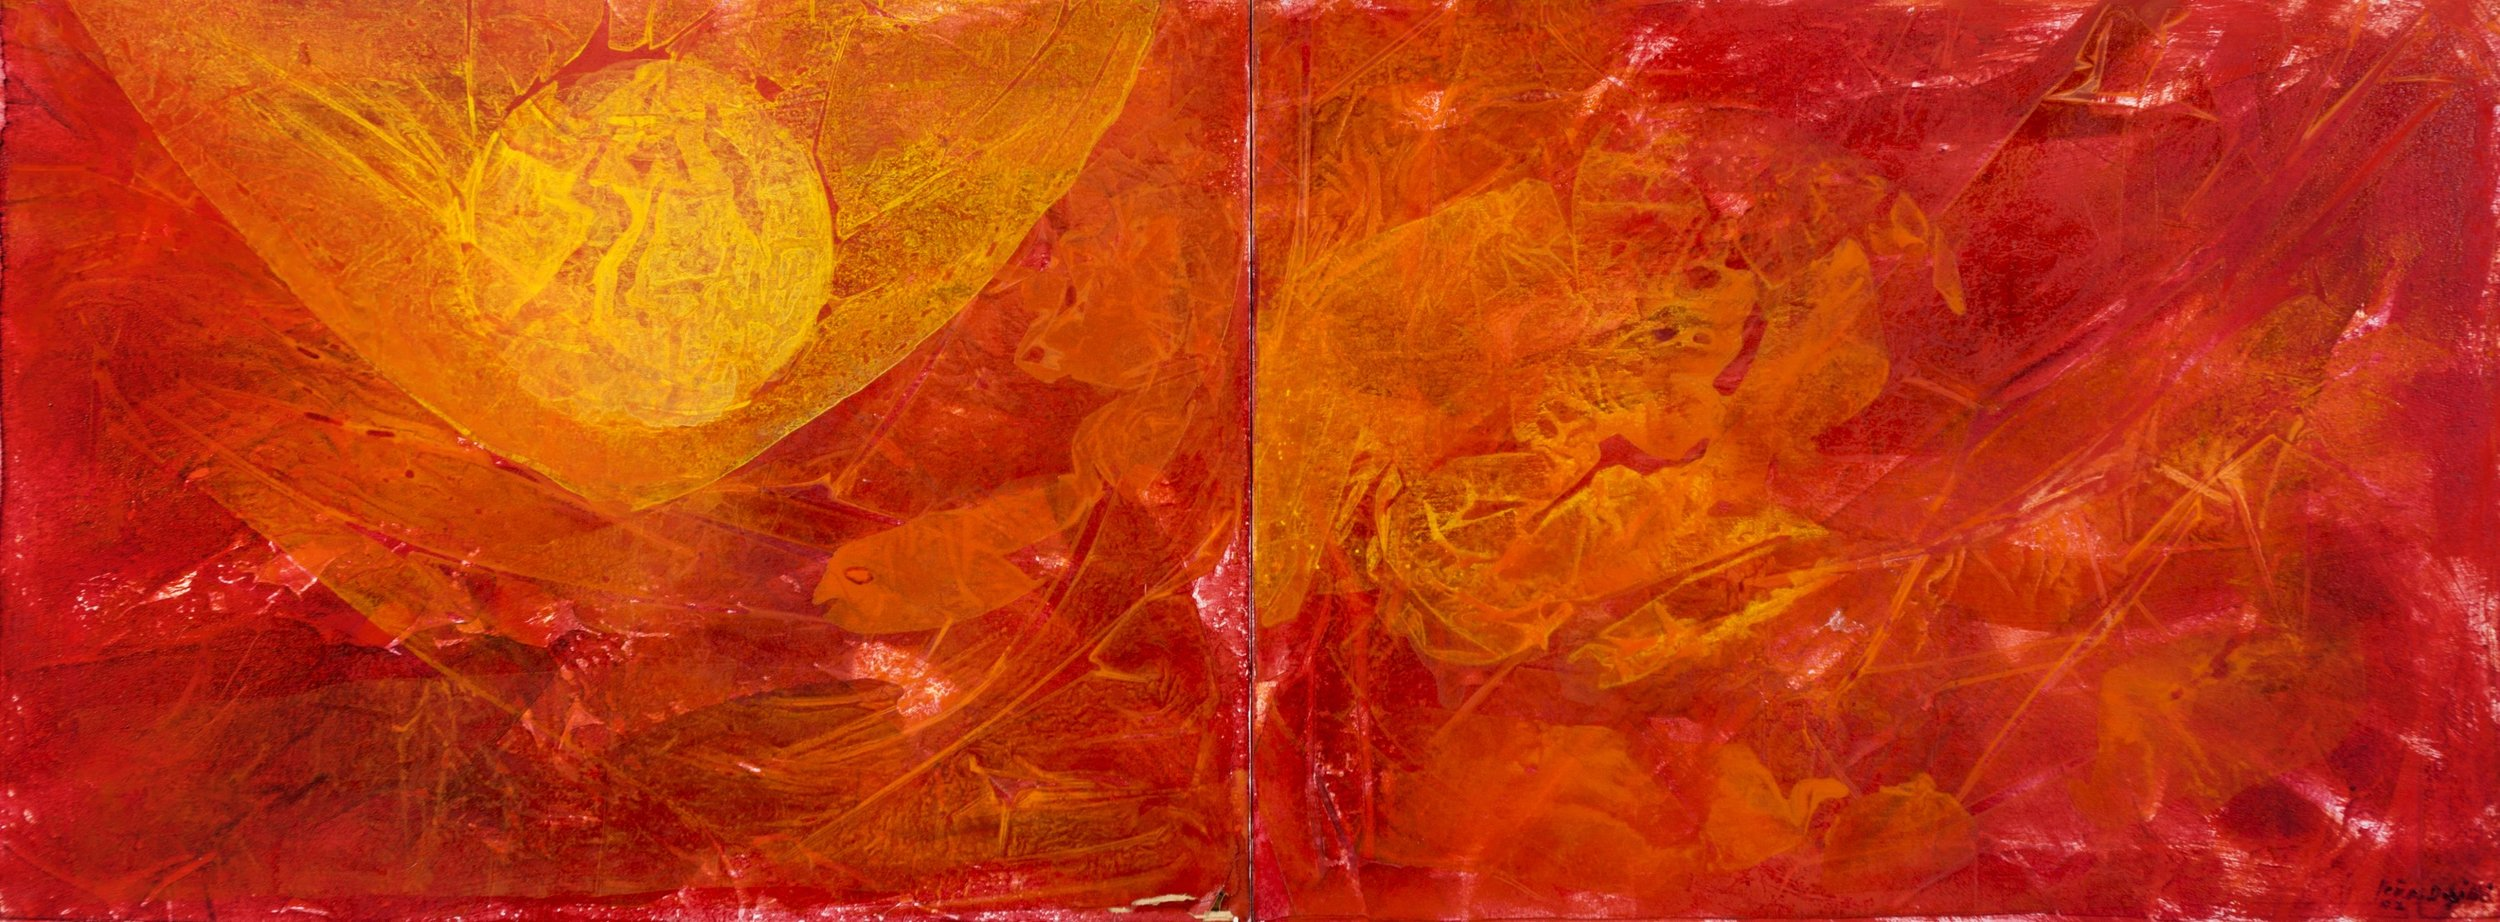 """2002_ Figuras en el sol_ AcrílicoSobreTela_30""""x80"""".jpg"""